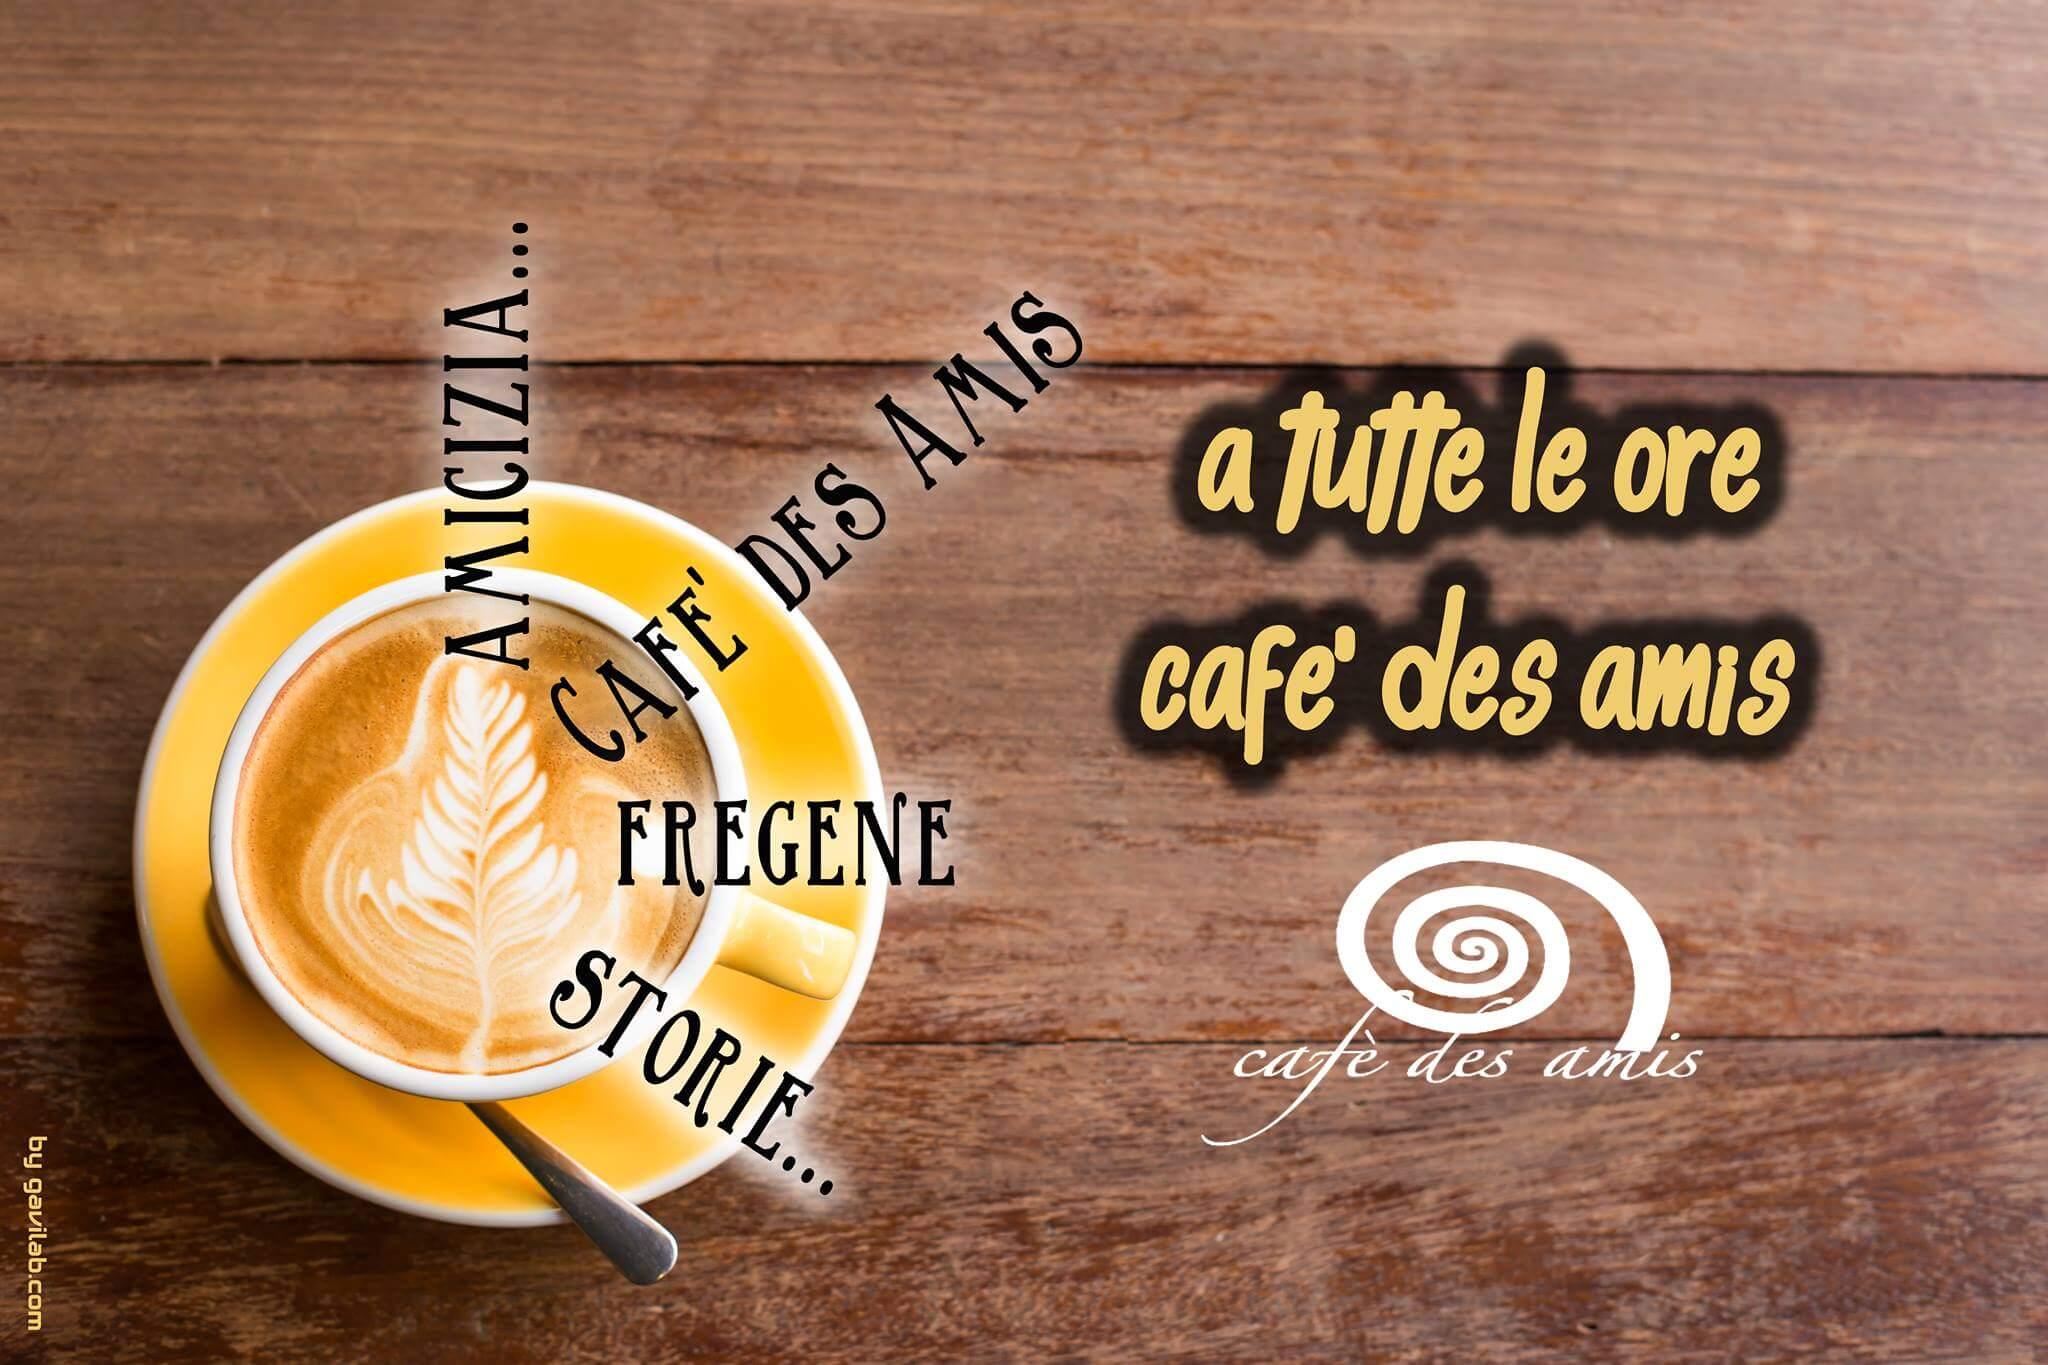 colazione cappuccino a fregene bar des amis